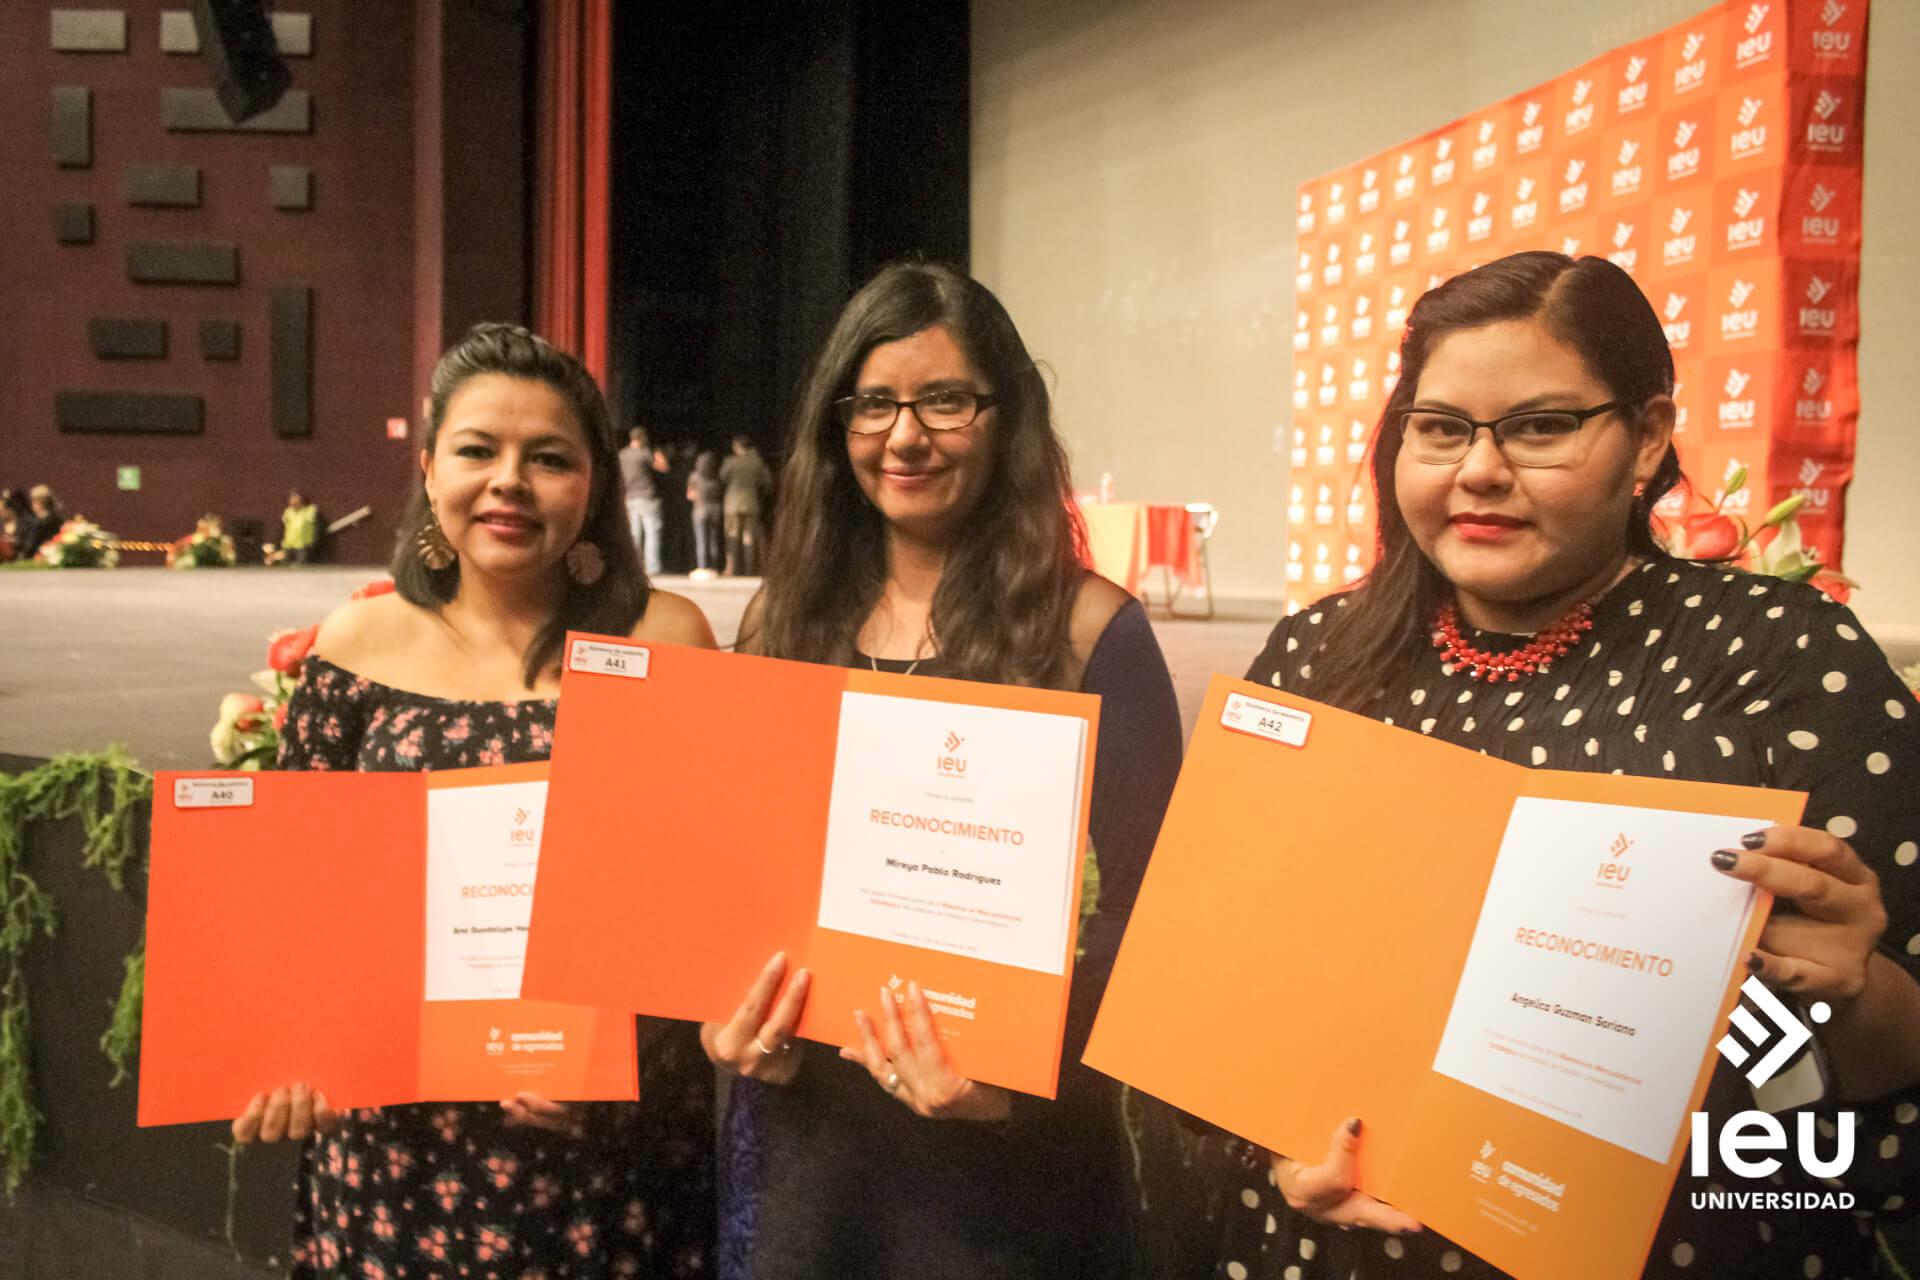 Universidad Ieu Graduacion 2019 16